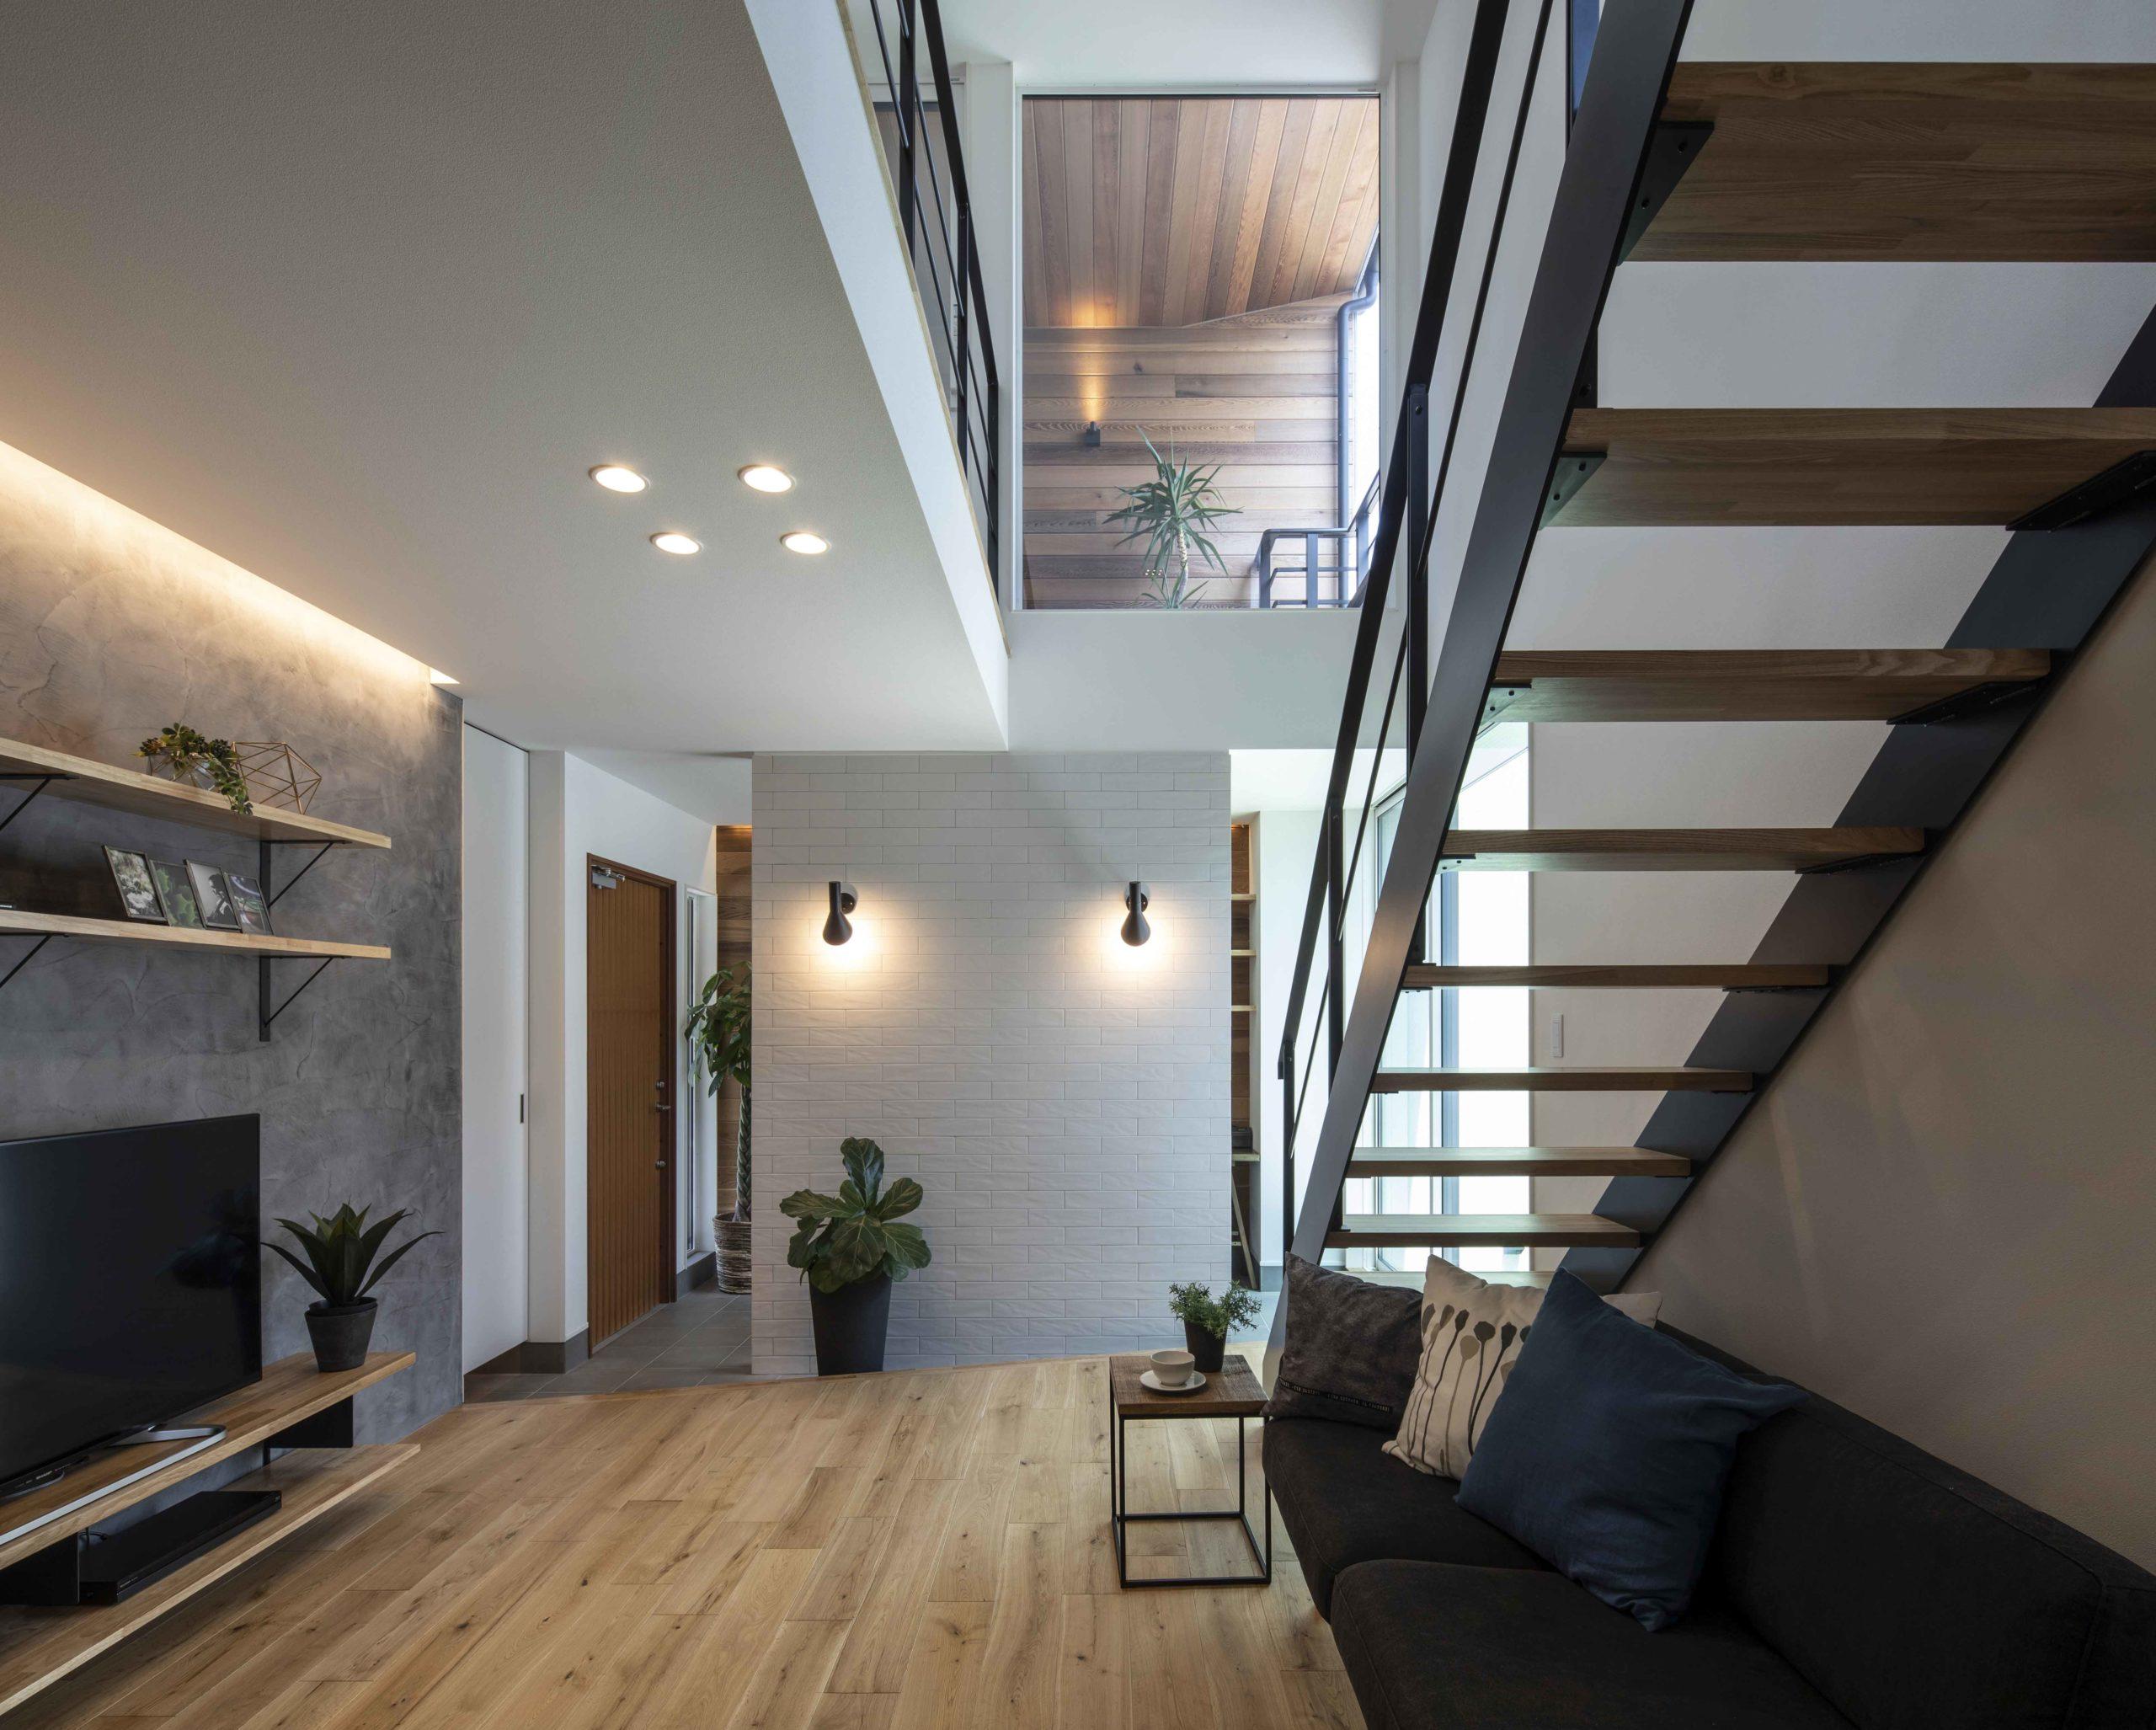 コートハウスでプライバシーを確保中庭がもたらす開放的な室内07